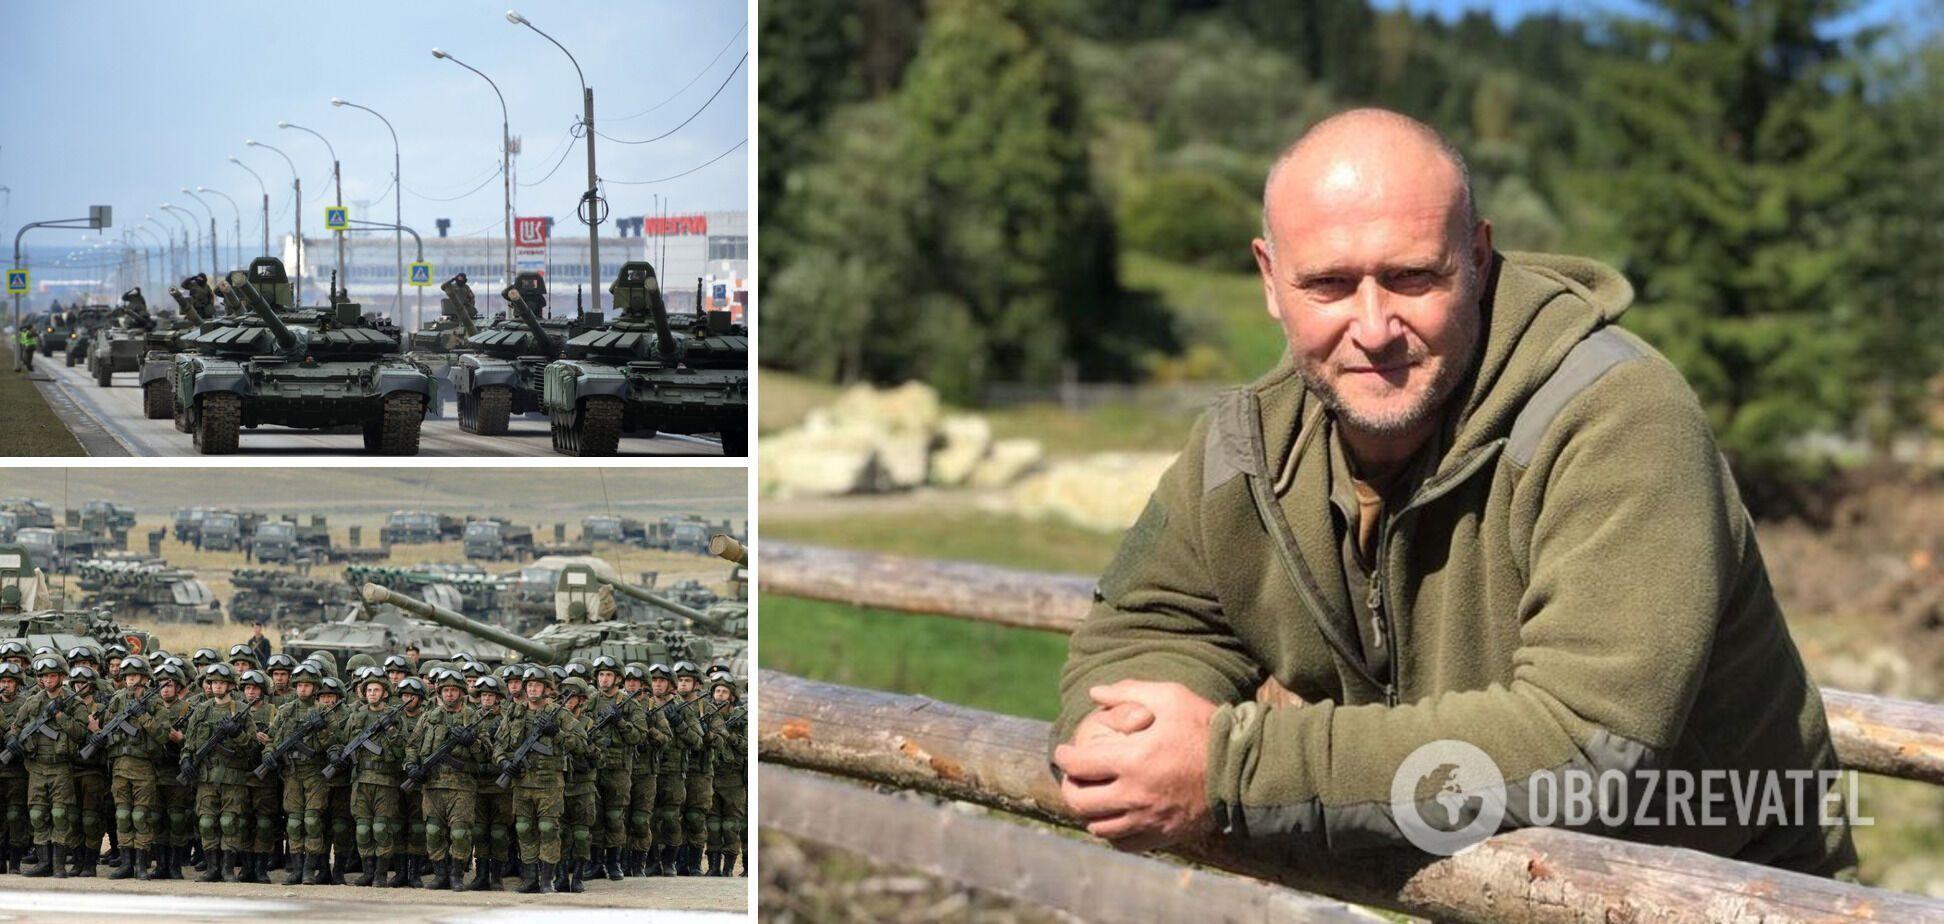 Ярош: Россия готовится к вторжению, но оно станет гвоздем в гроб империи. Интервью